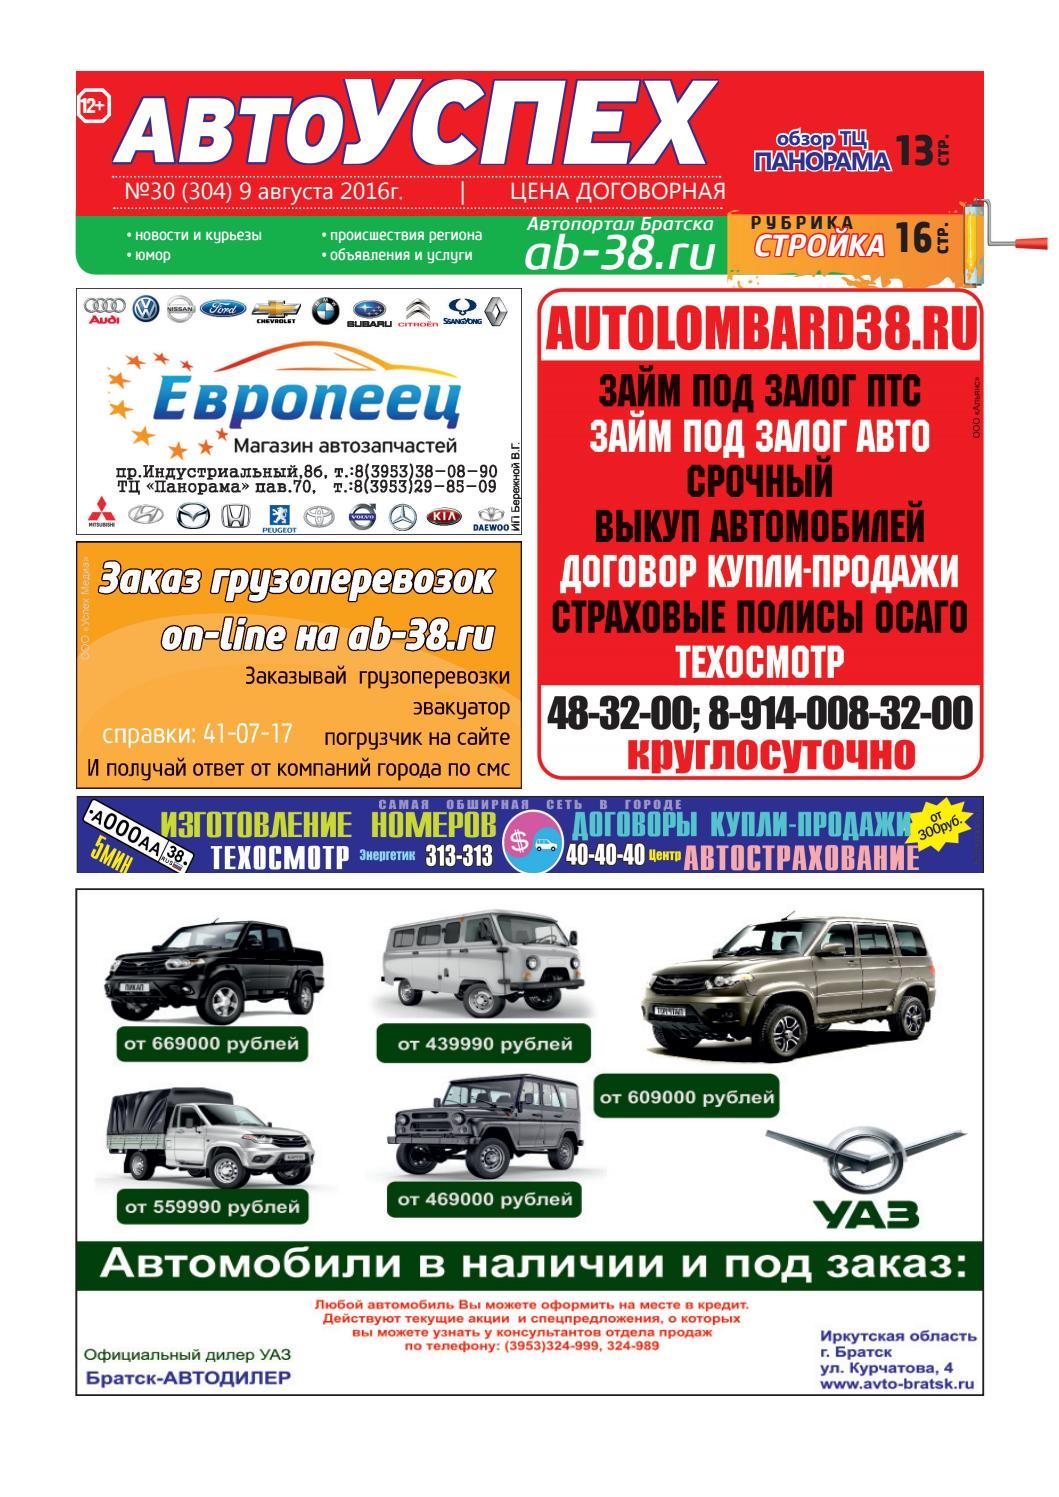 Как посмотреть свою кредитную историю через интернет бесплатно в омске